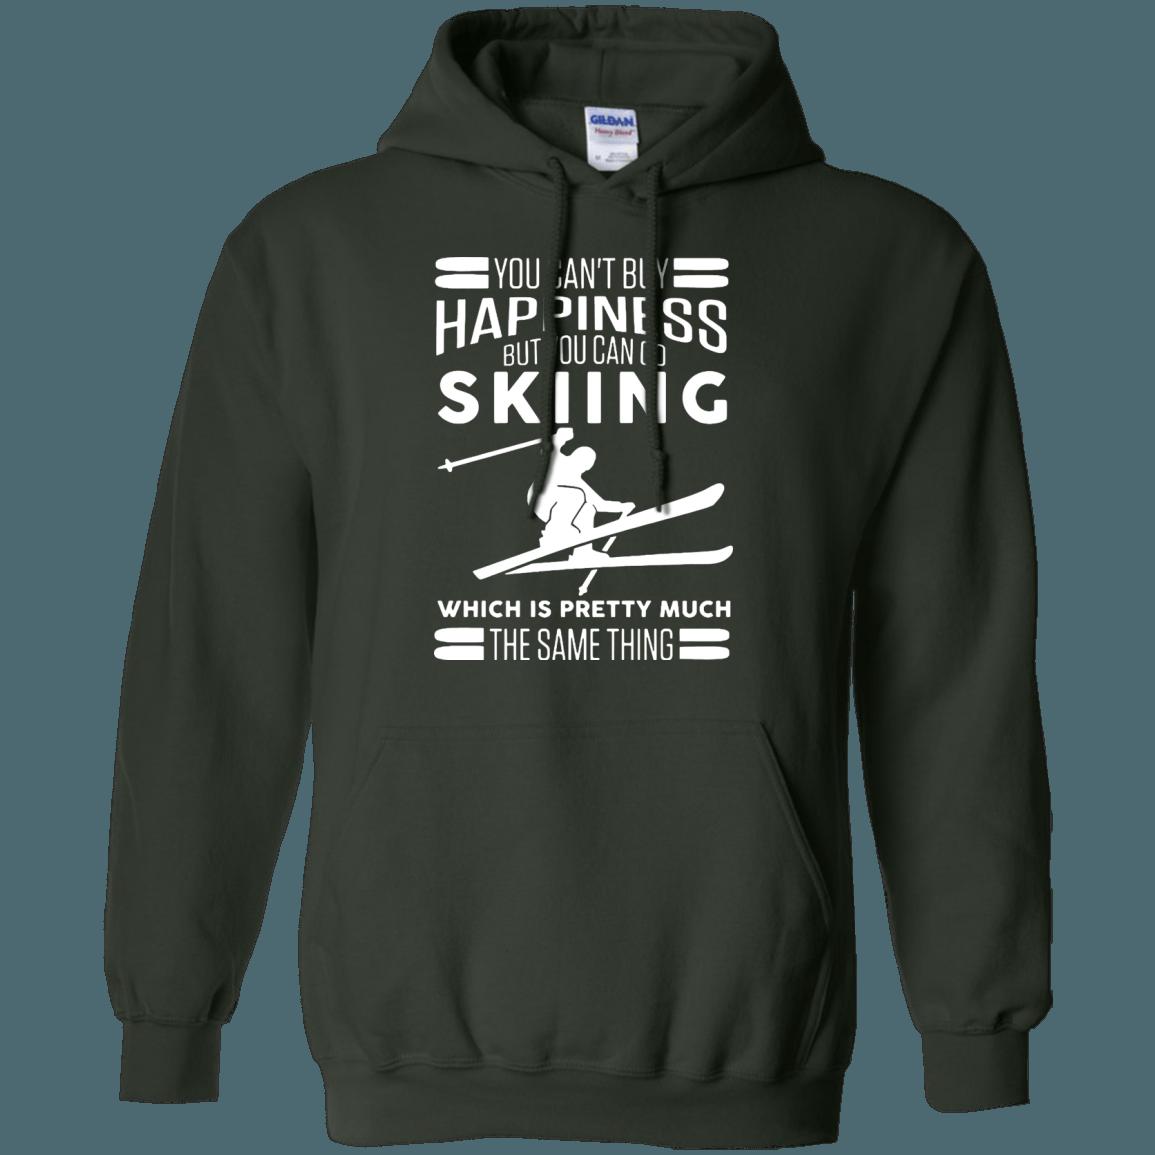 Skiing hoodies